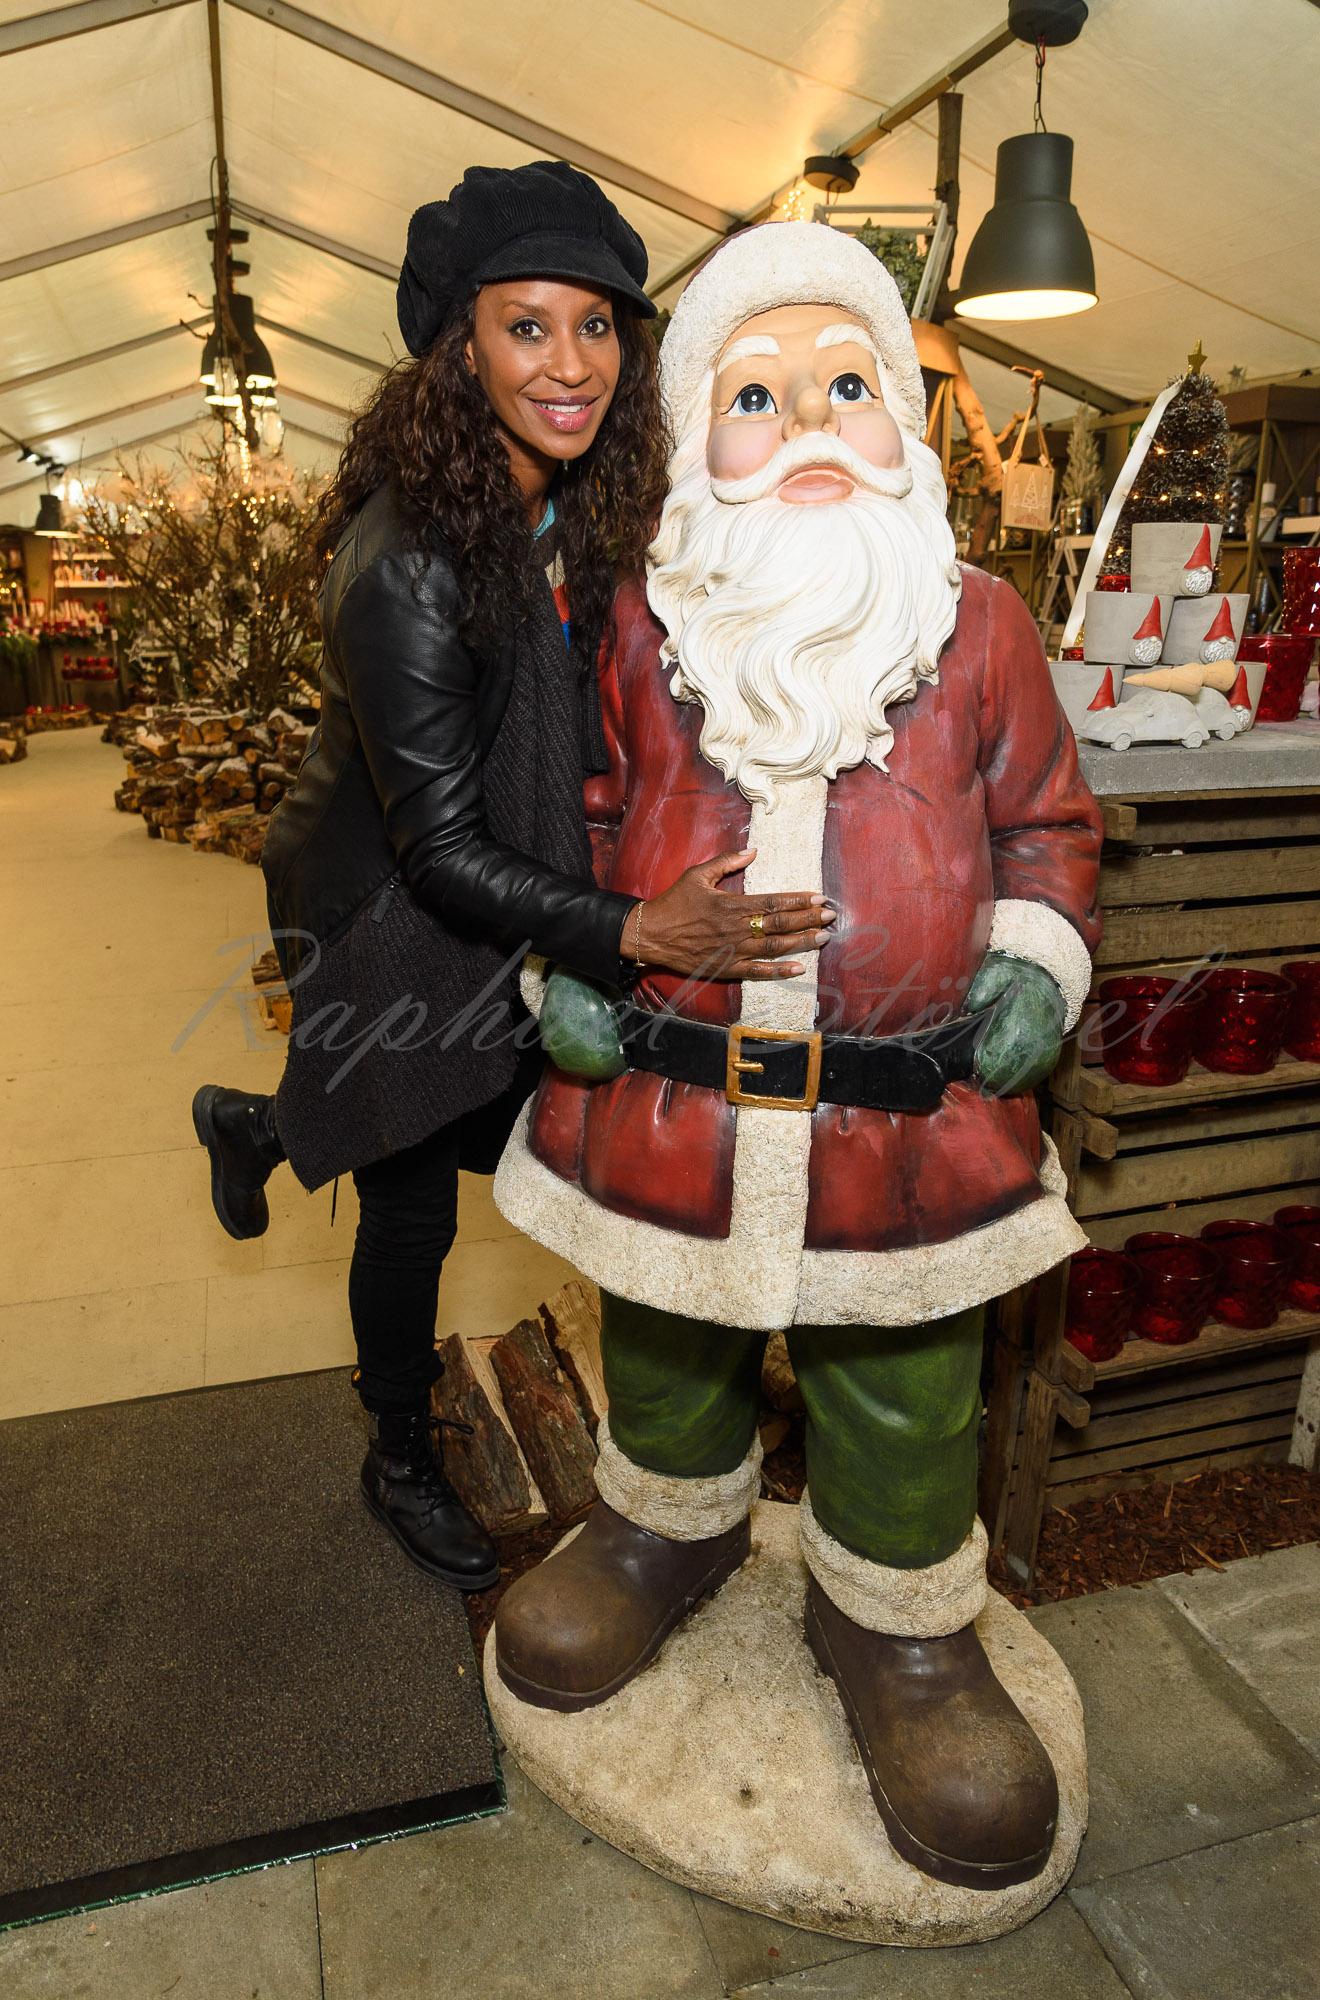 Liz Baffoe / Charityaktion für die Kinderhospizstiftung beim Weihnachtsmarkt in Köln am 17 November 2017